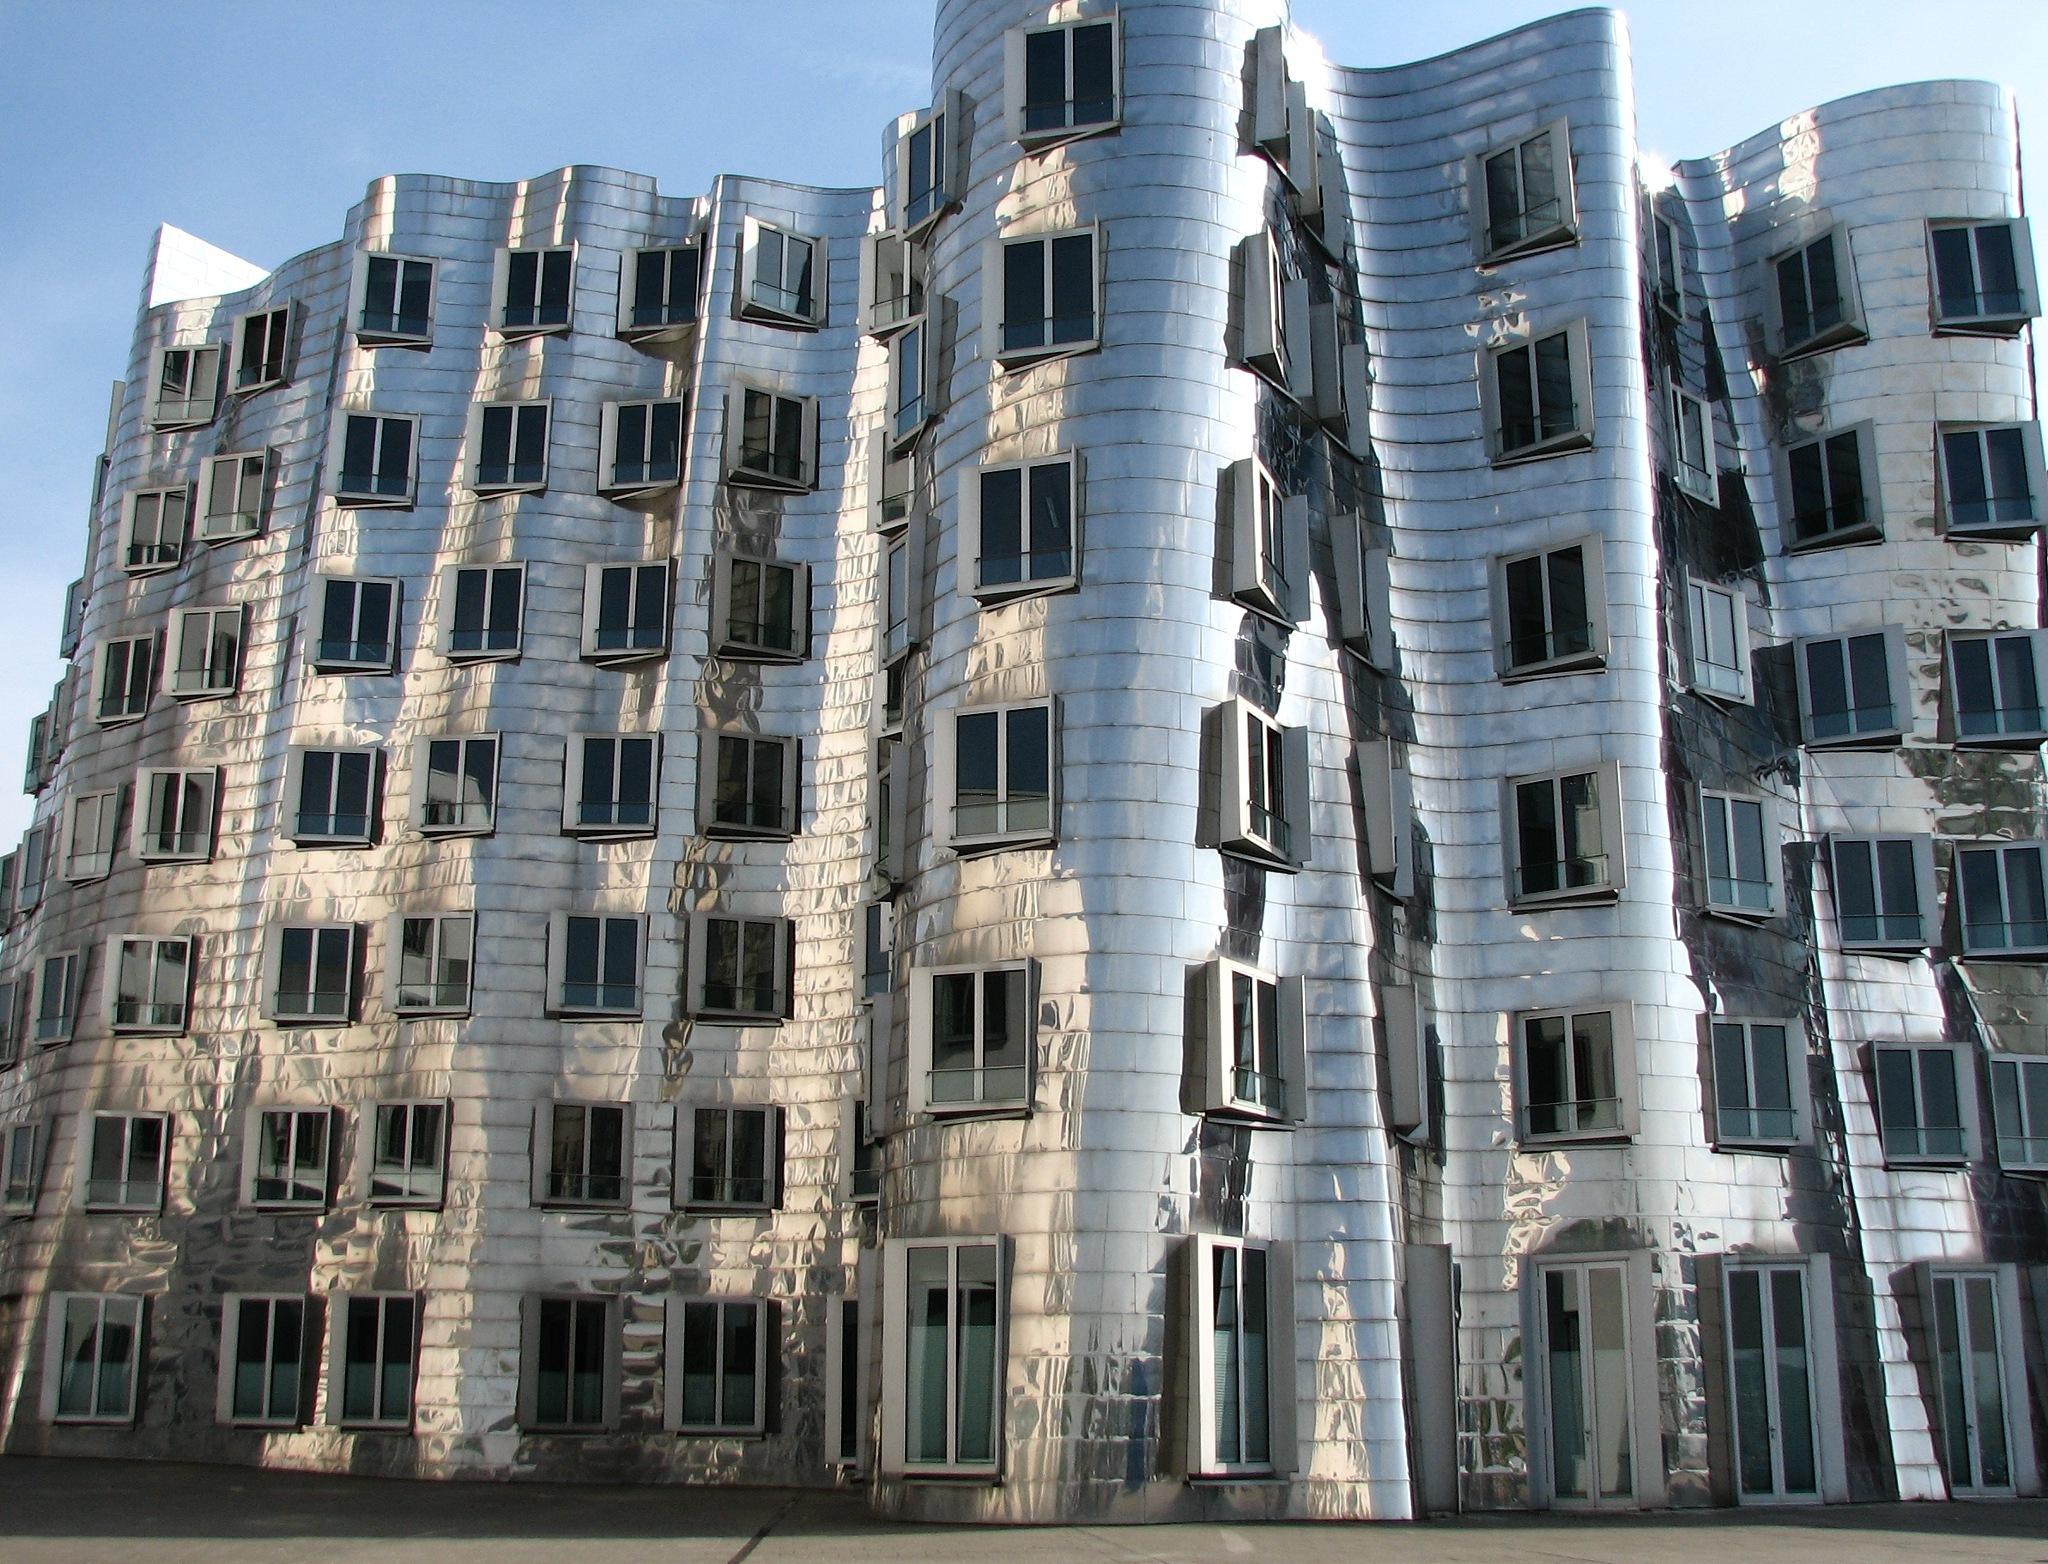 MedienHafen in Dusseldorf by Evgeny Kravchenko